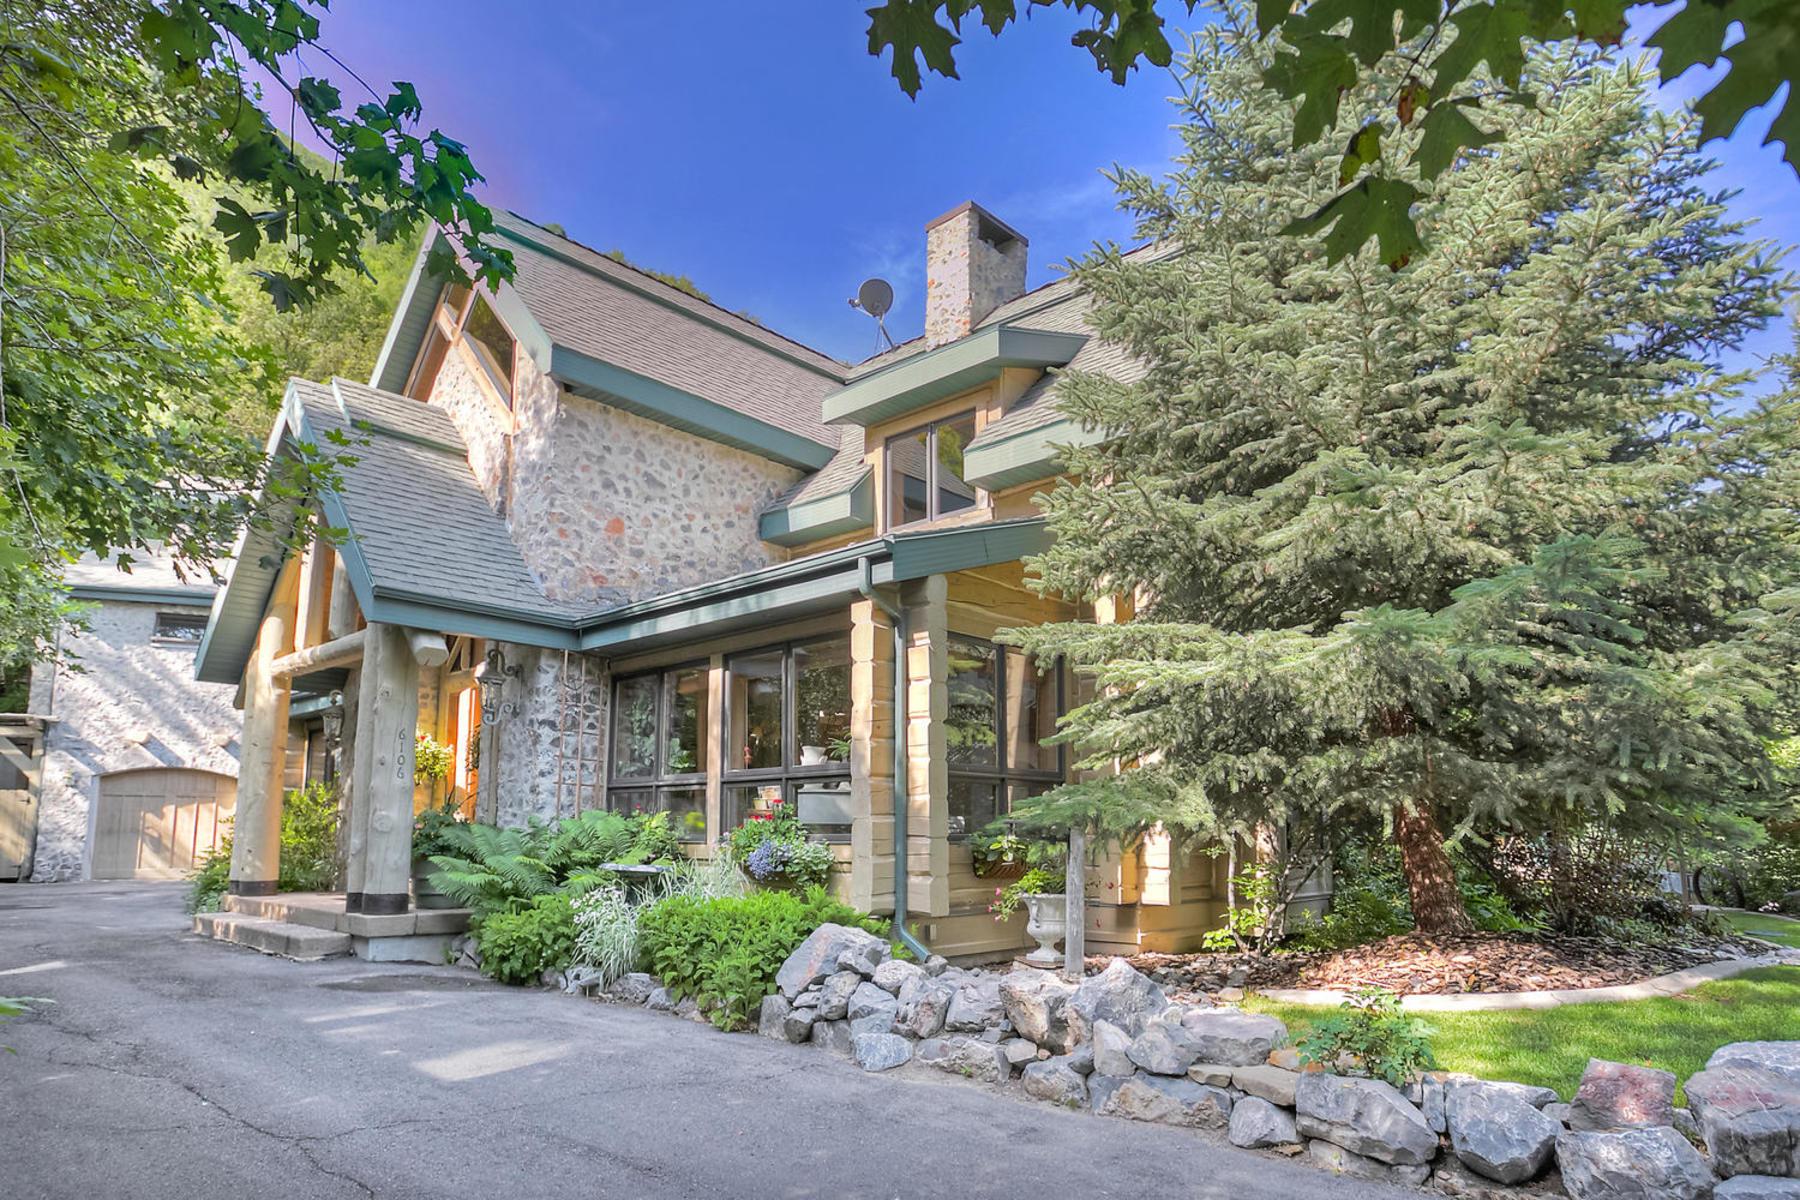 Maison unifamiliale pour l Vente à Gorgeous Log Home on the Hobble Creek Golf Course 6106 E Grindstone Dr Springville, Utah, 84663 États-Unis